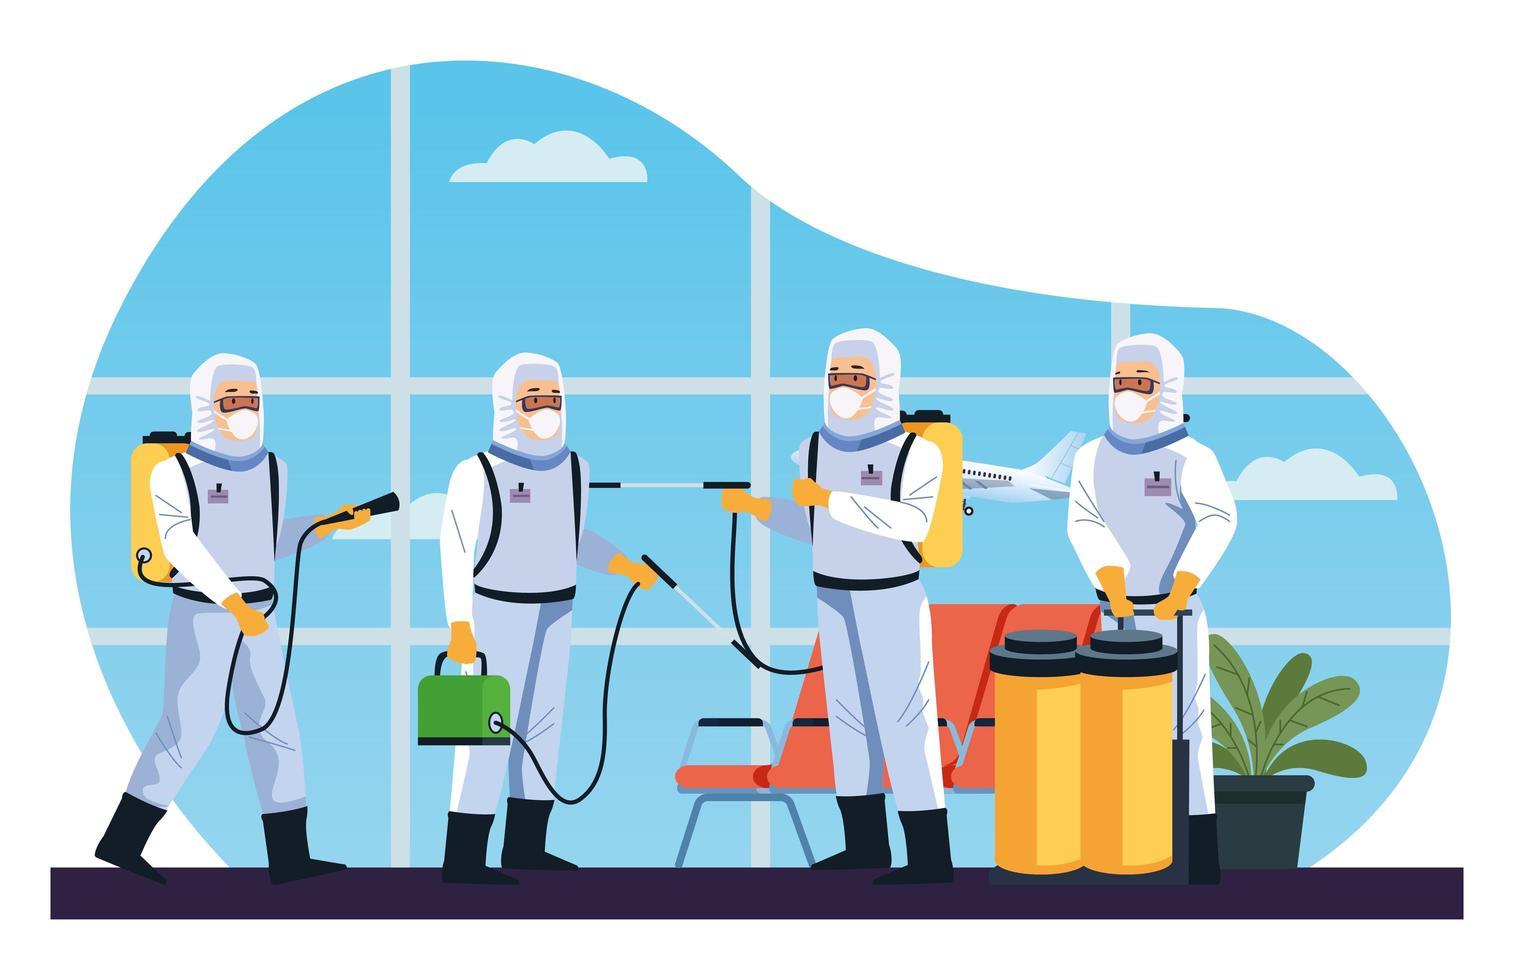 Biosicherheitsarbeiter desinfizieren den Flughafen auf Coronavirus vektor